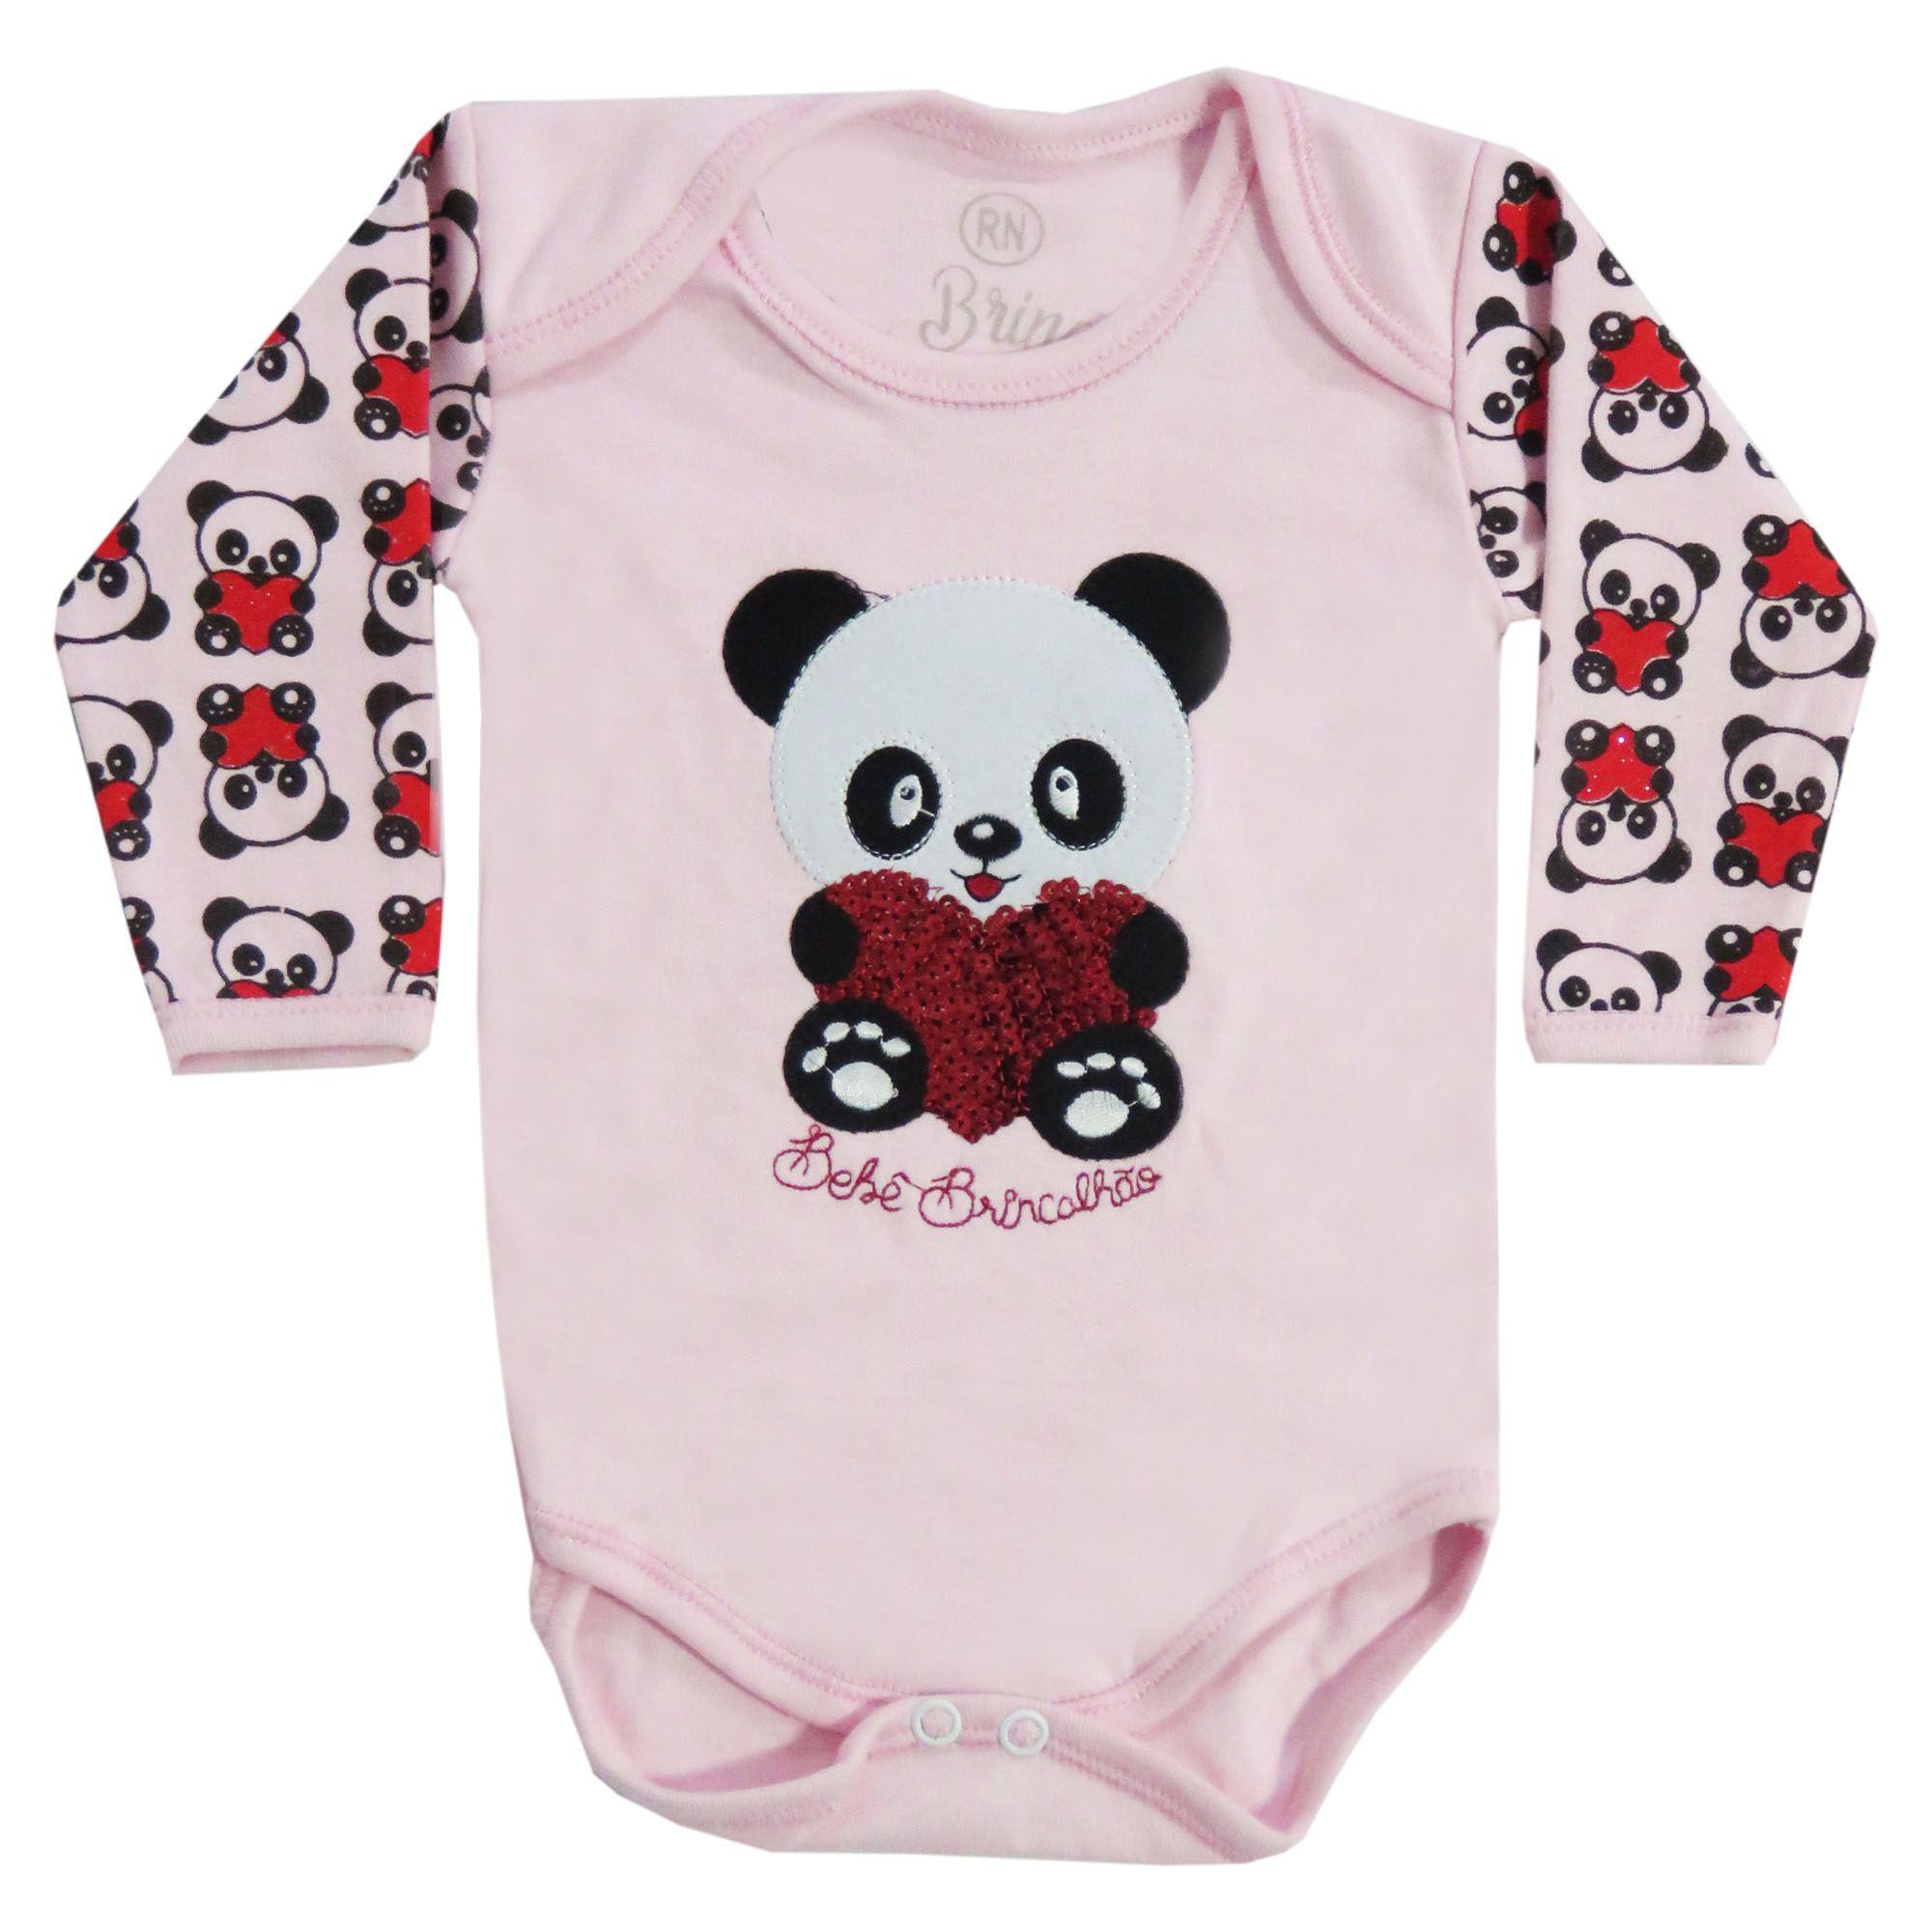 Body Bebê Brincalhão Bordado Ursa, Gata, Panda com Aplicação Lantejoulas - RN ao G